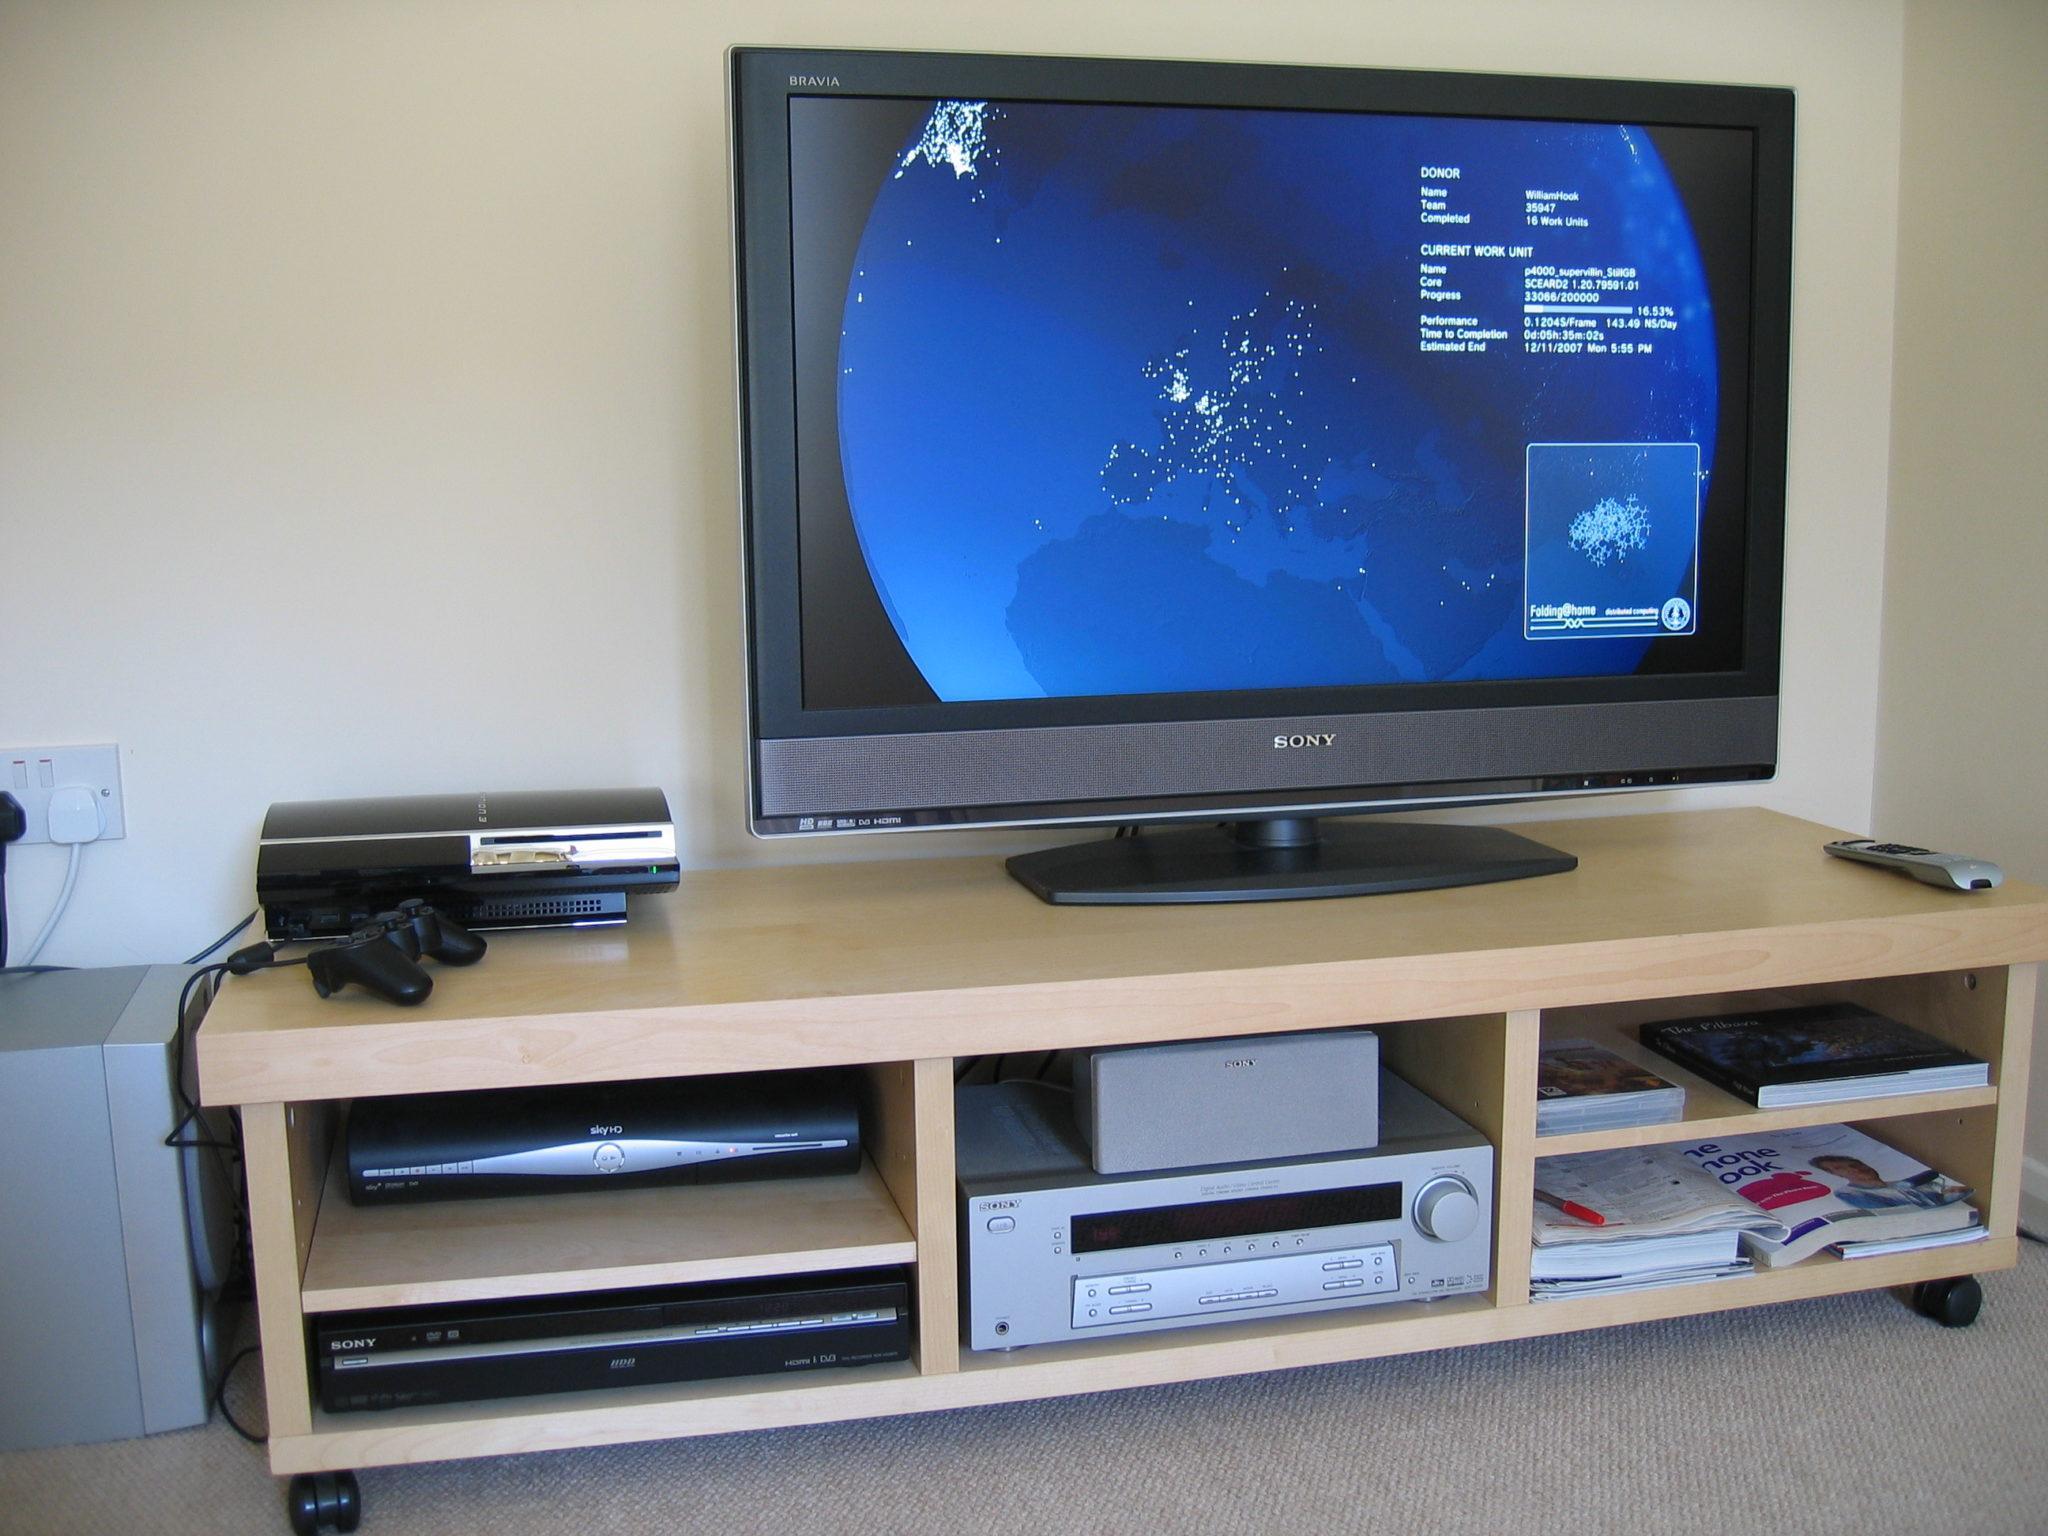 Fabriksnye TV borde til fladskærme – 9 flotte og forskellige modeller MO-48